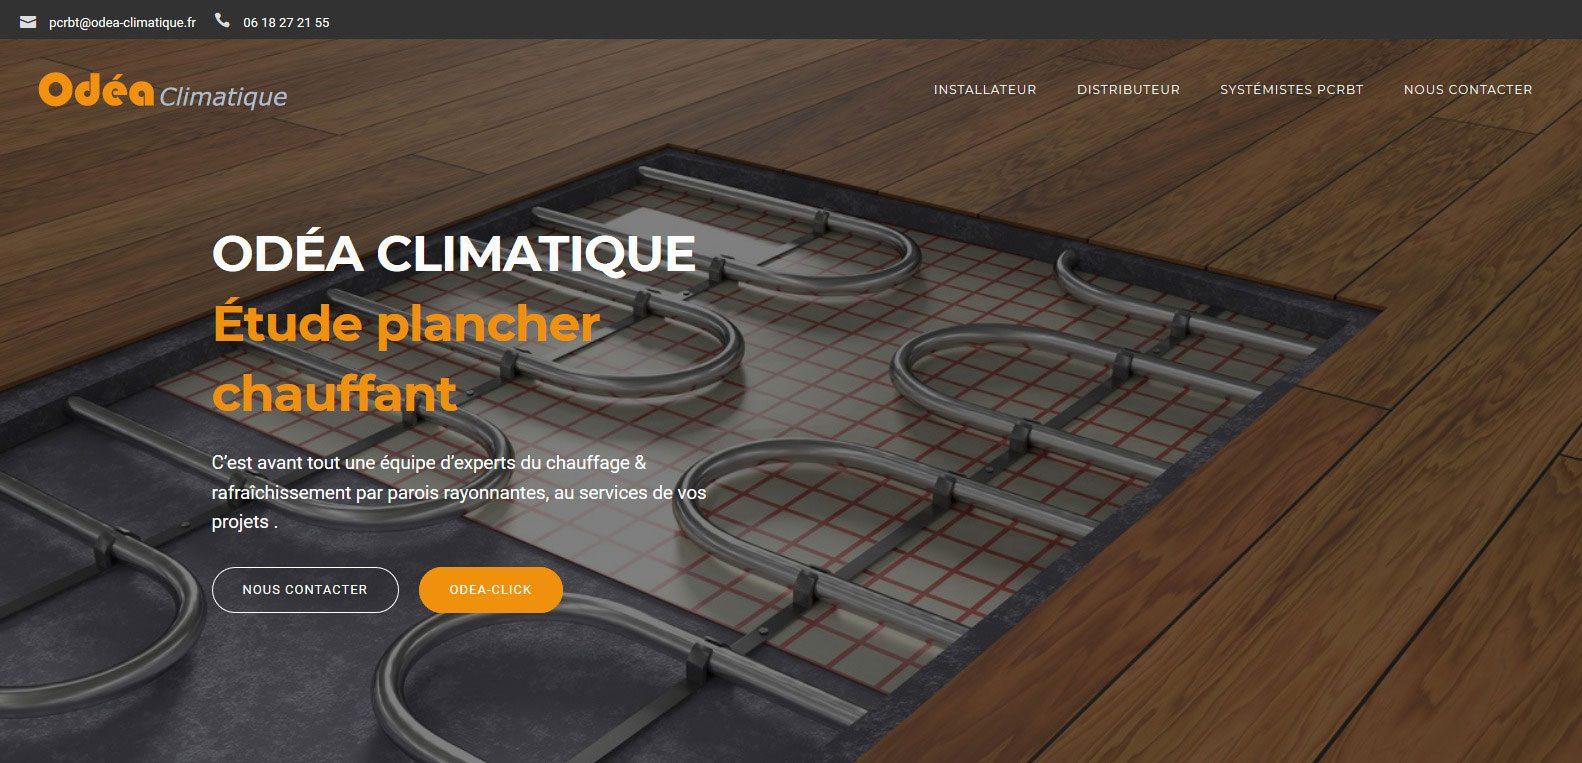 Site web d'Odéa climatique, client Karedess, agence web situé à Mulhouse